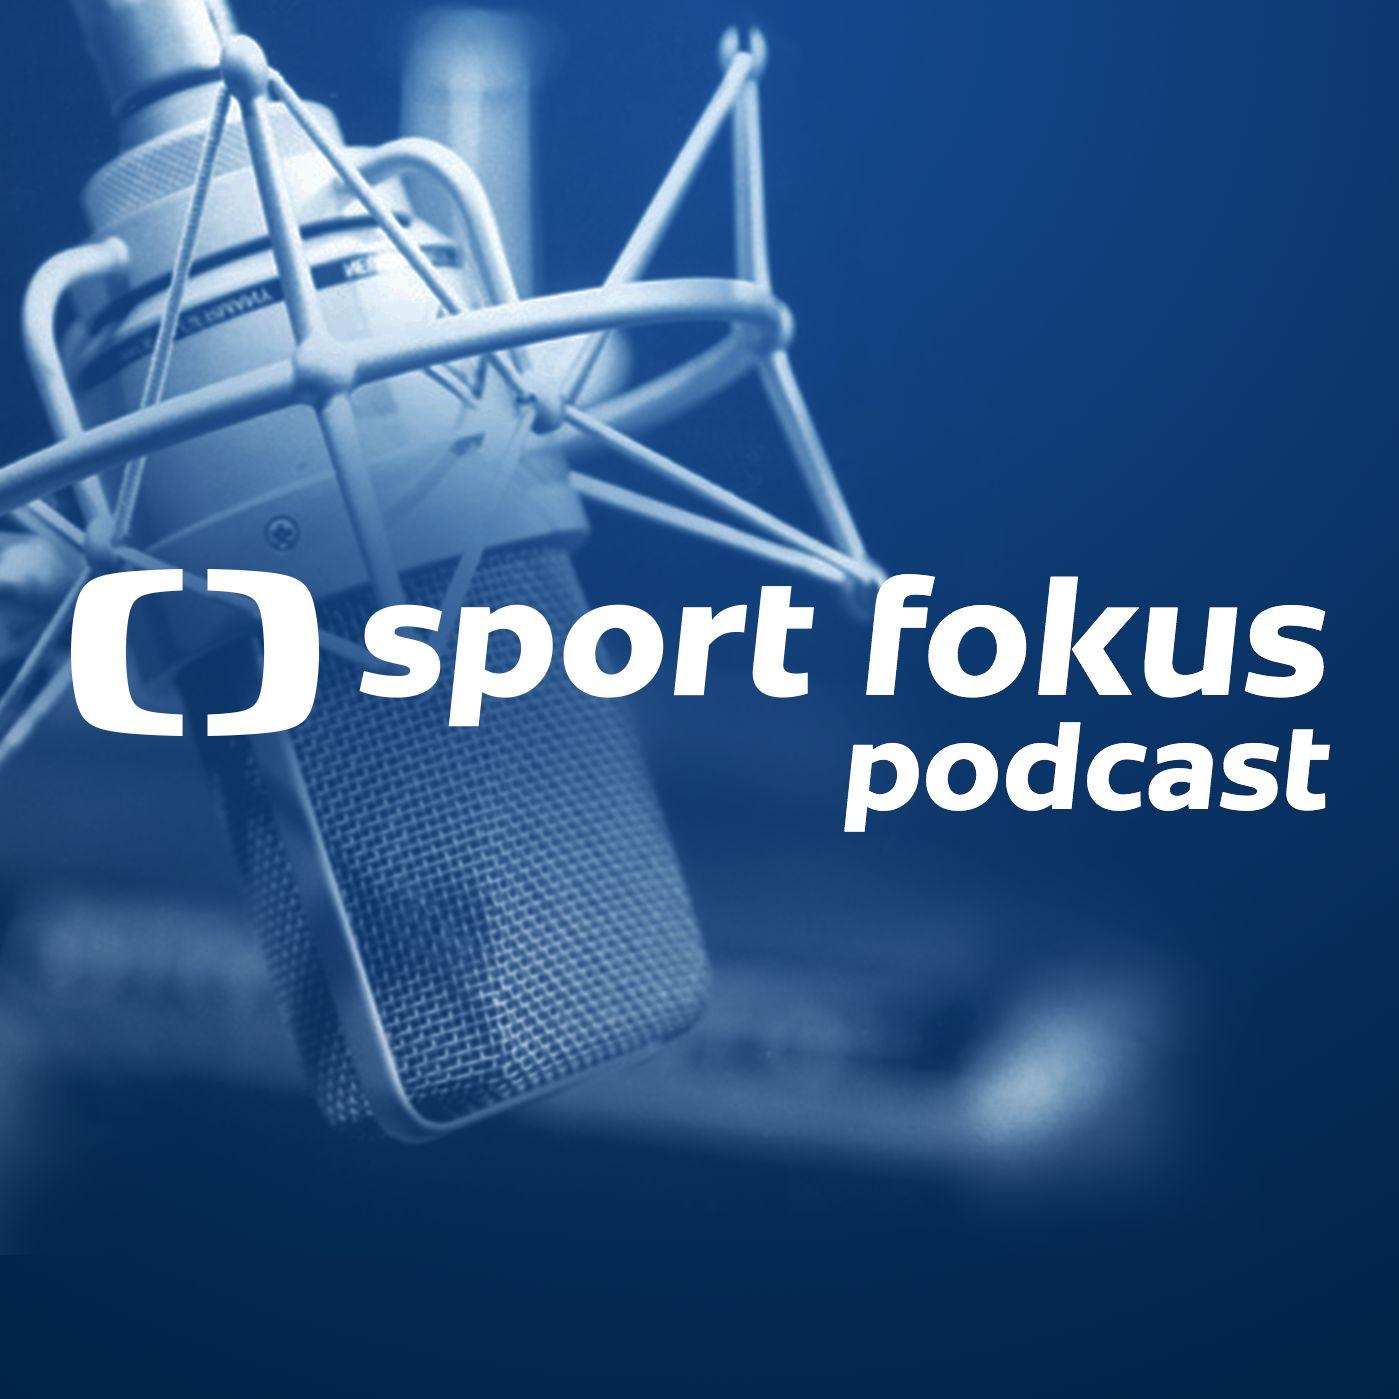 Basketbal fokus podcast: Co čekat od české reprezentace na mistrovství Evropy?